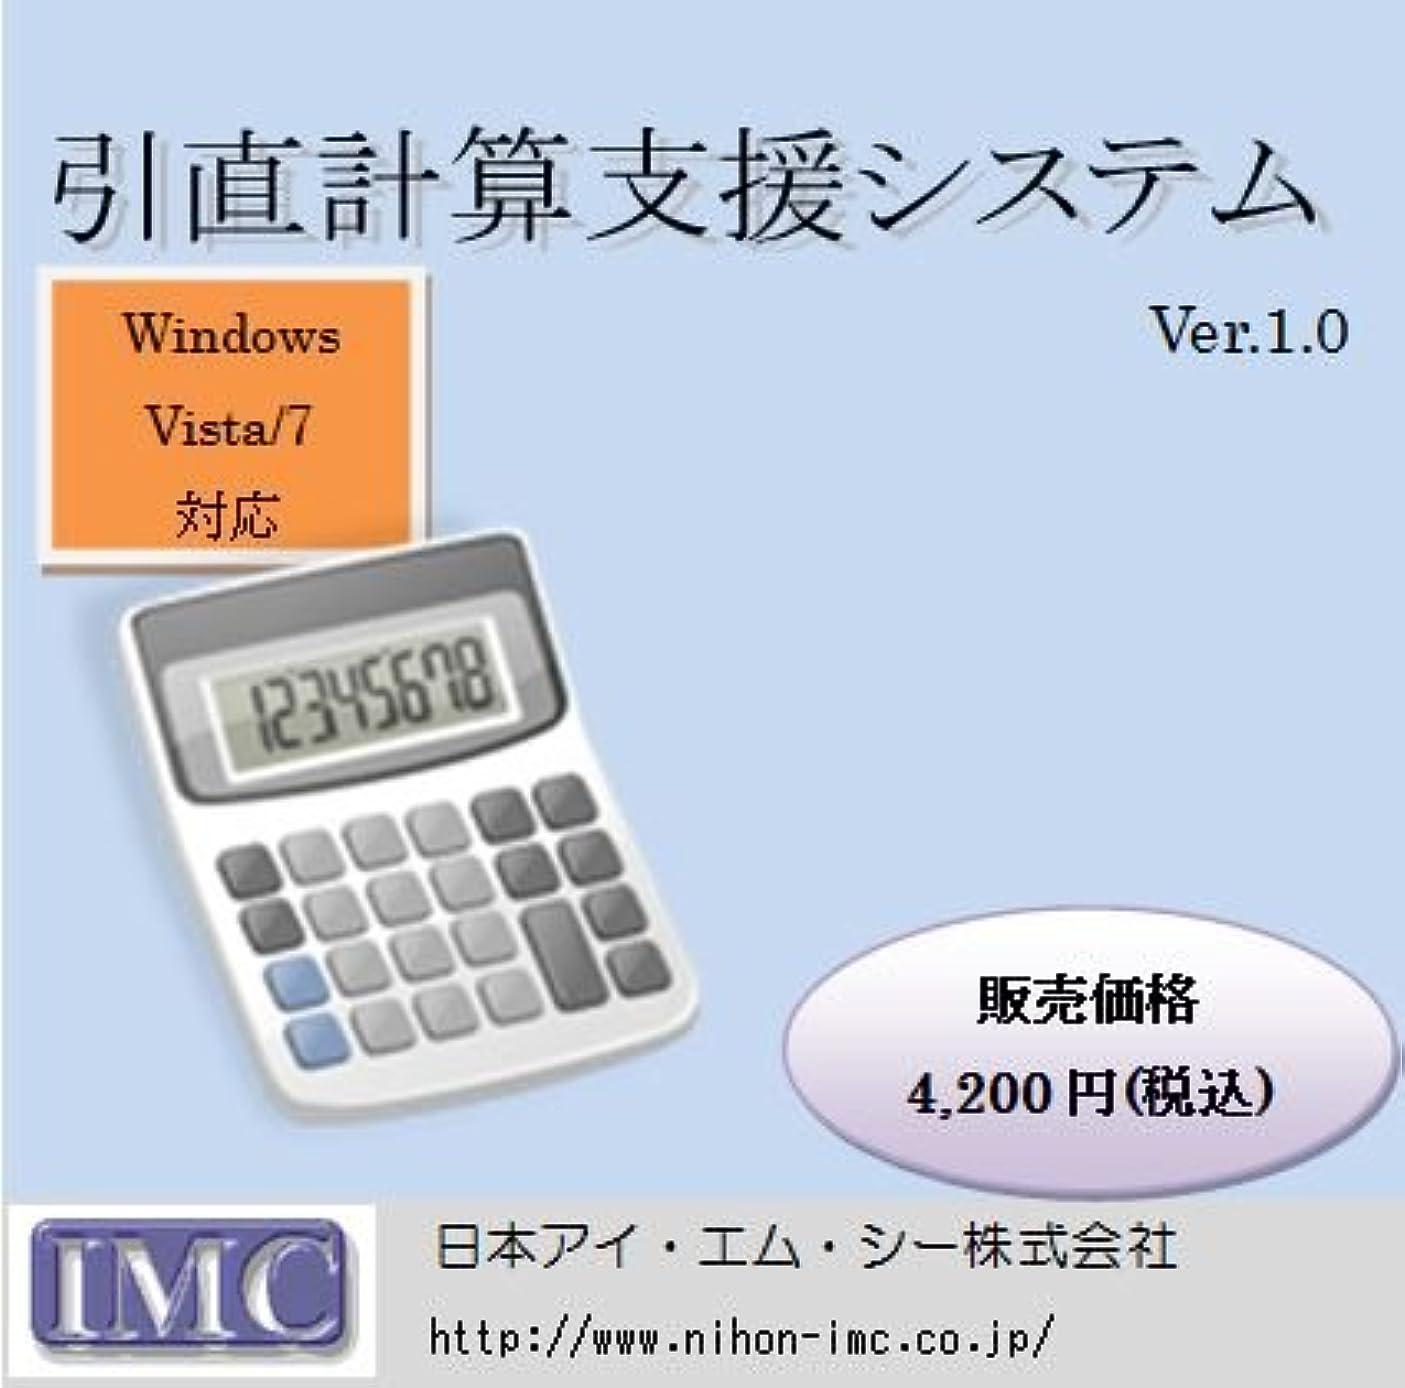 始まり年次奇跡的な引直計算支援システムVer1.0.0